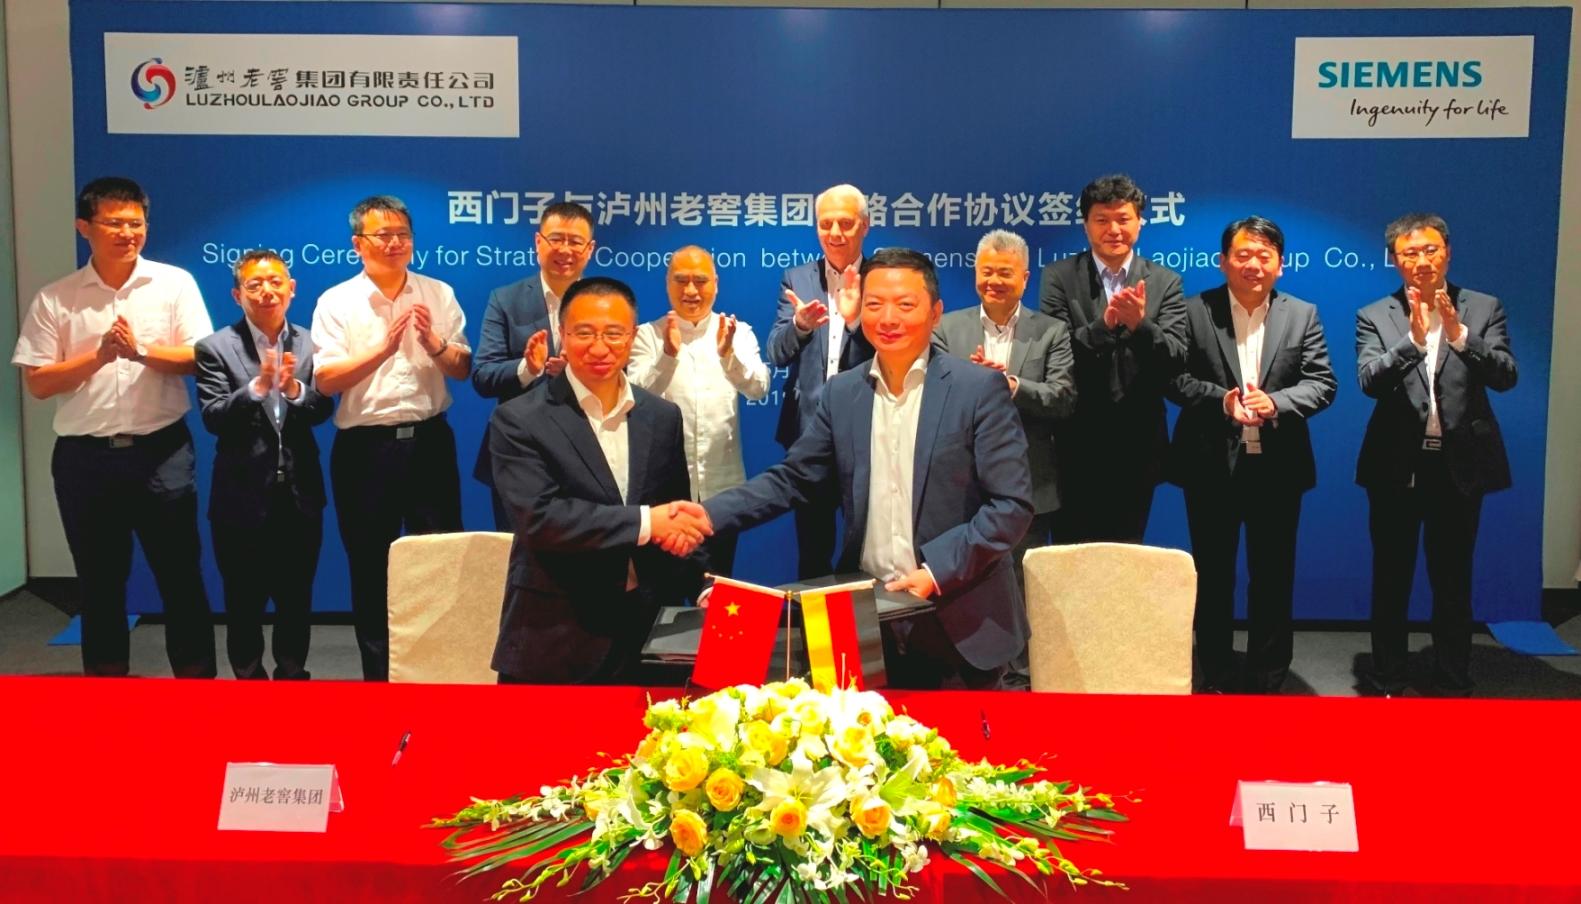 西门子与泸州老窖集团有限责任公司签署战略合作协议